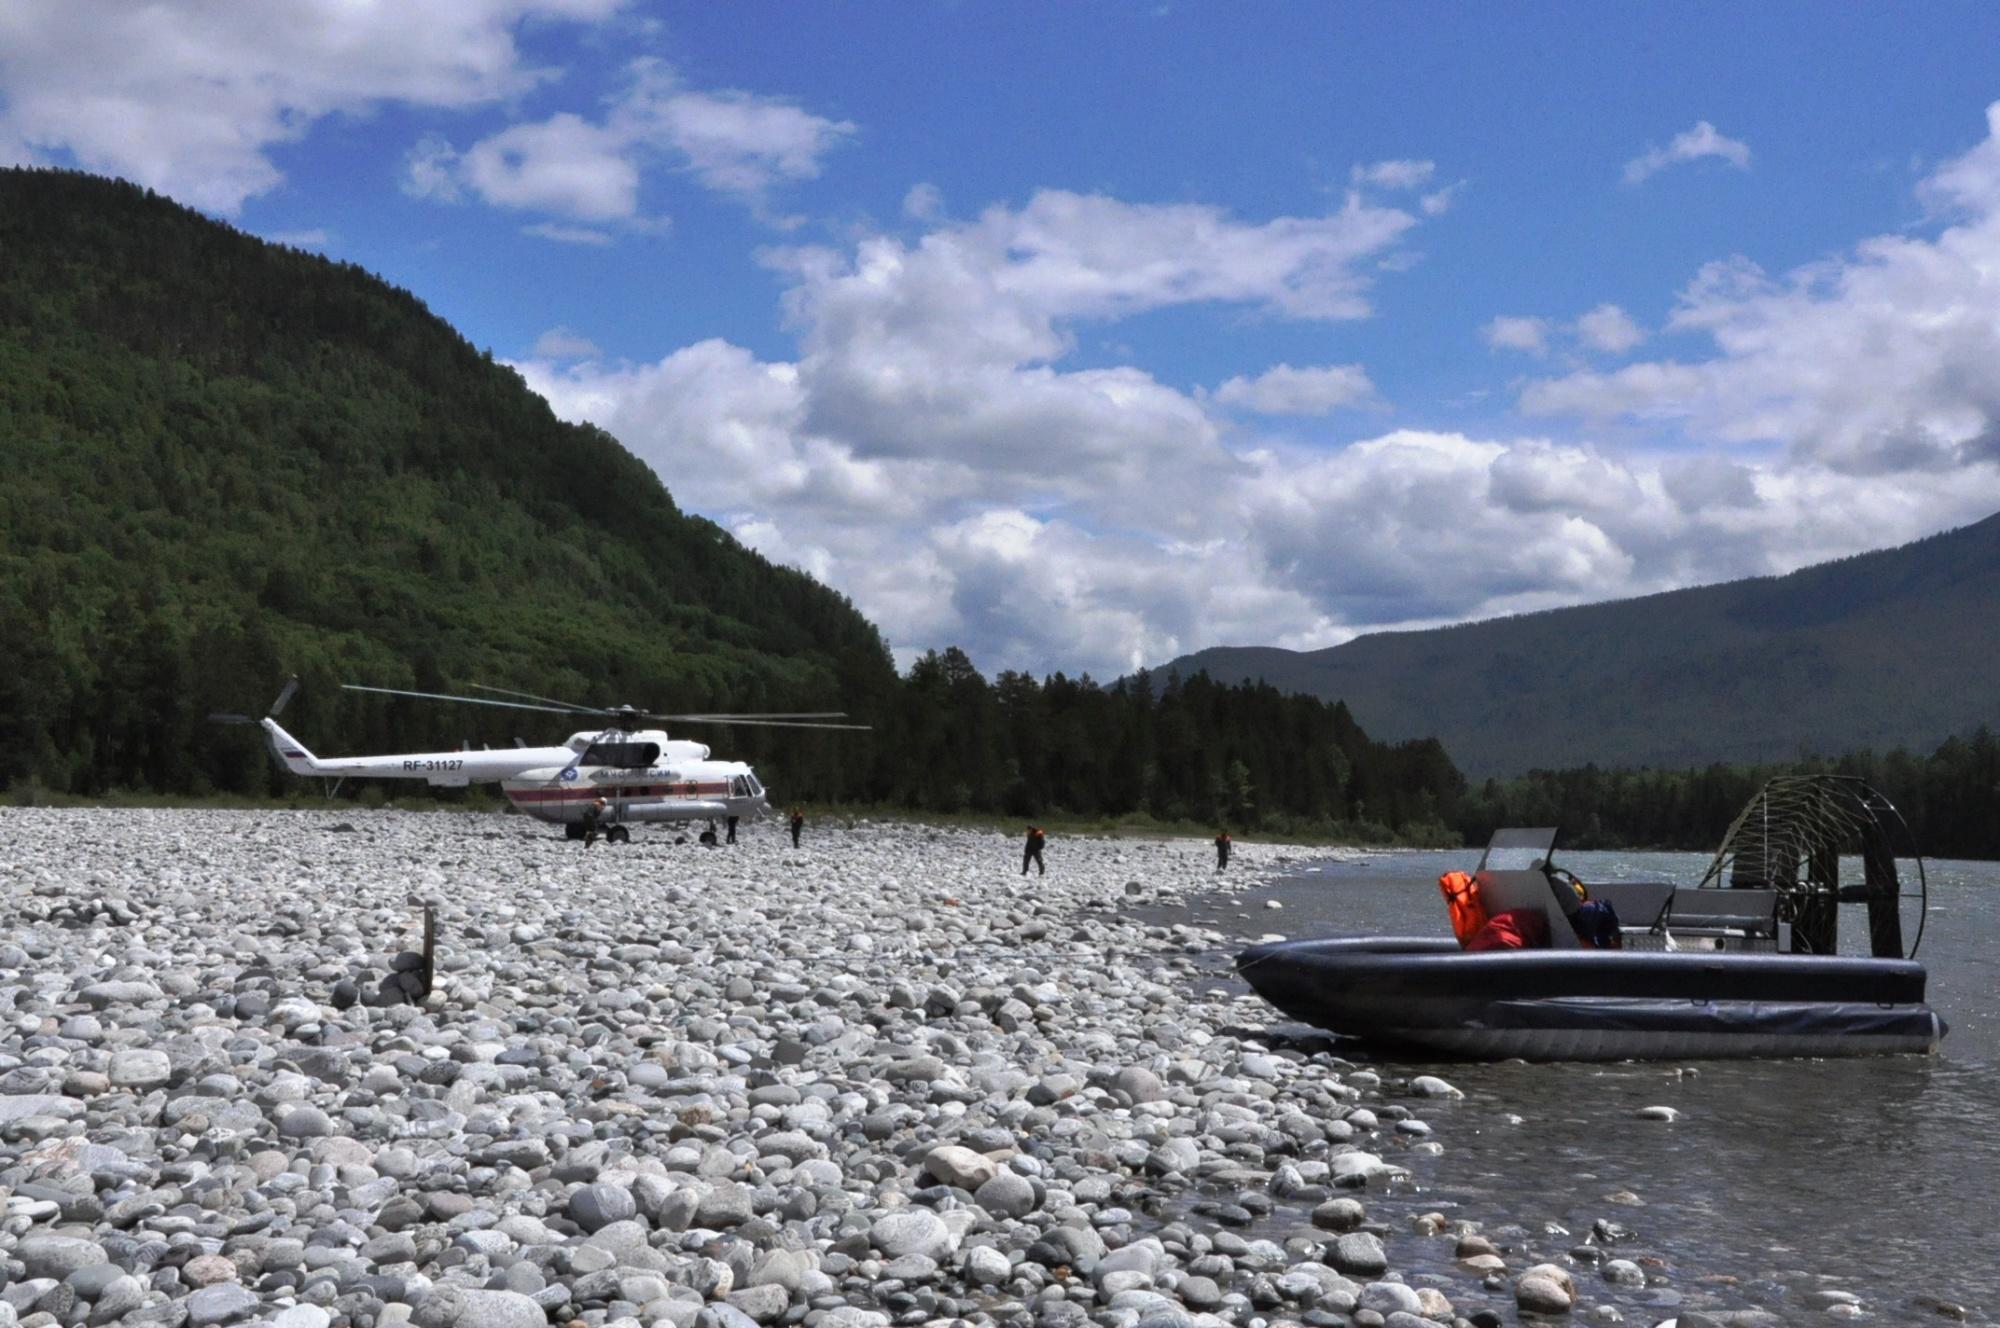 Спасатели нашли потерпевших бедствие туристов на Китое